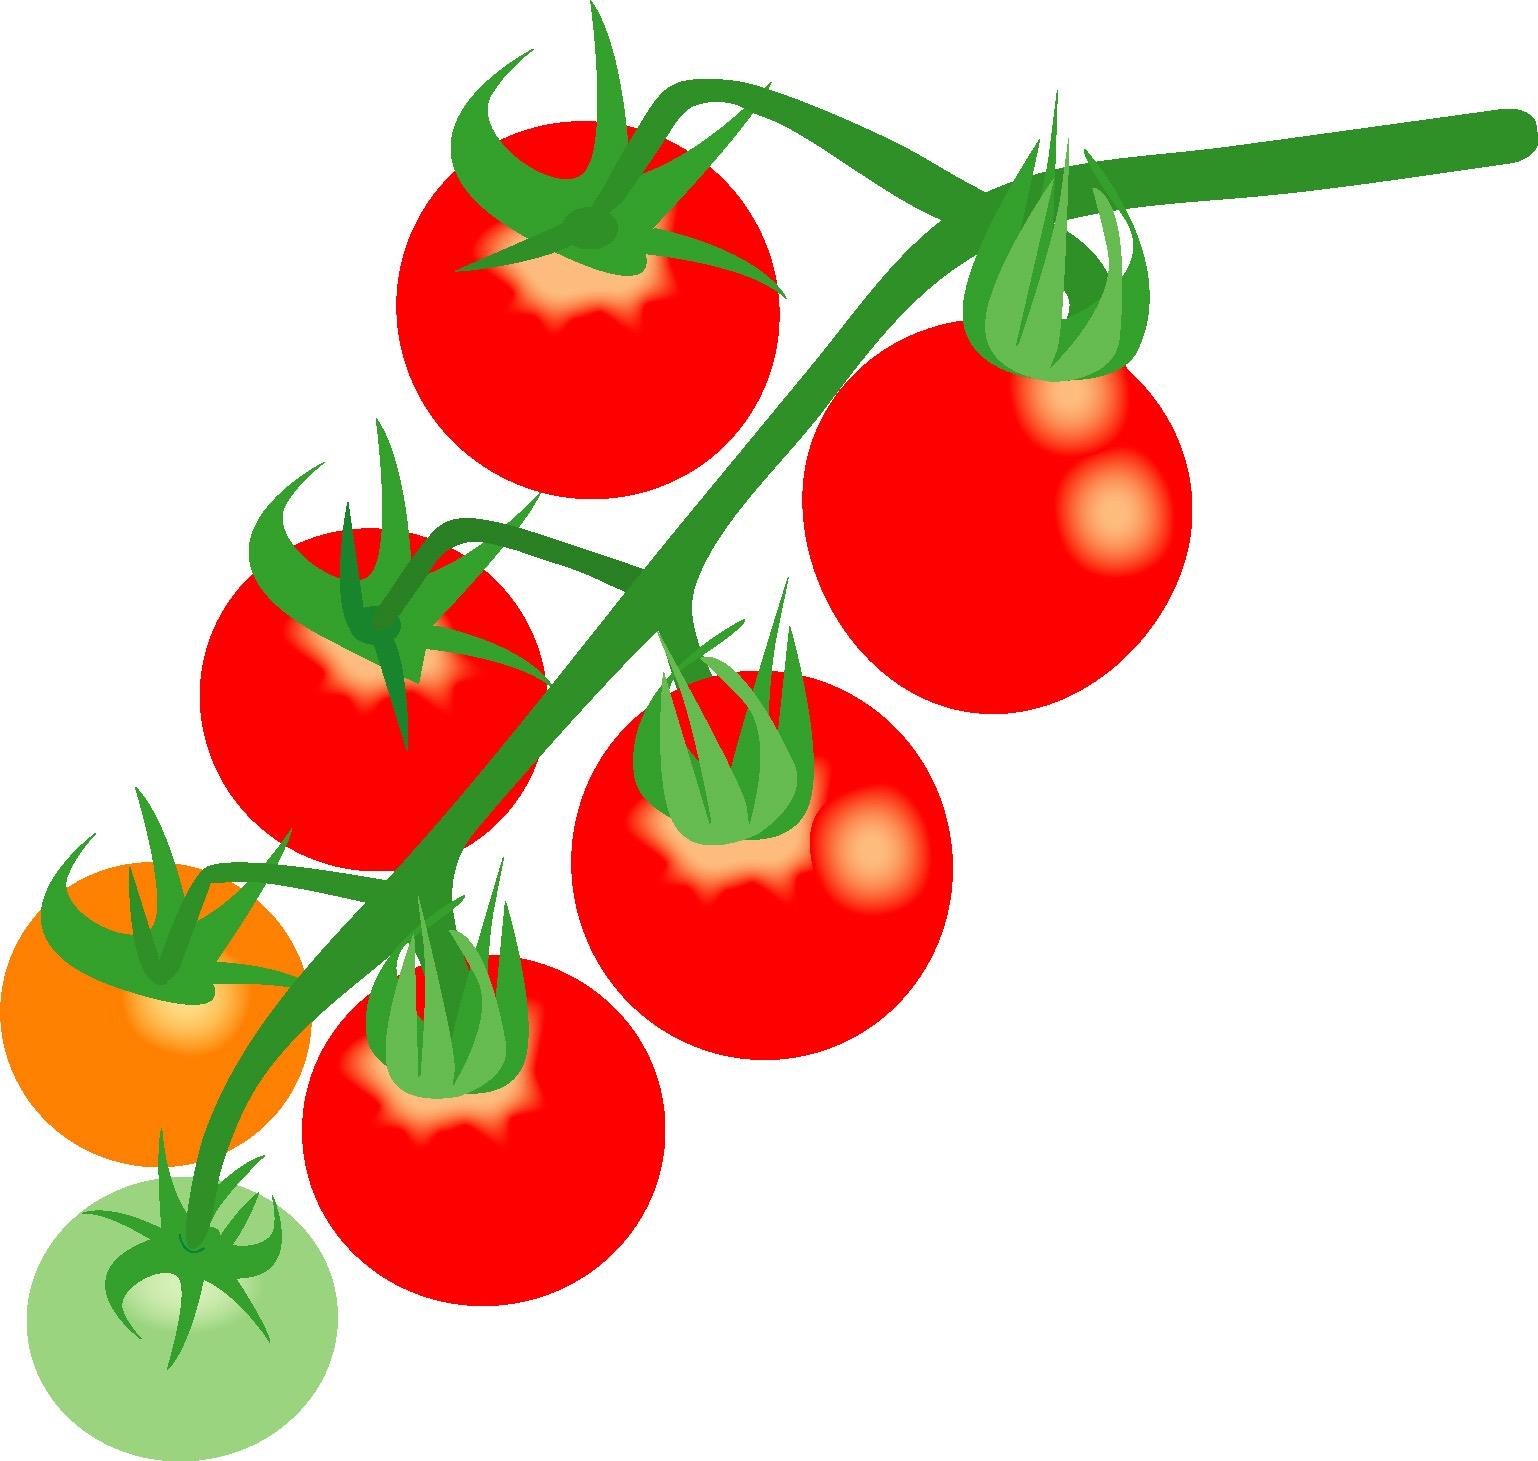 家庭菜園でプチトマトの台風対策は?ベランダでやった方がいい台風対策?苗が折れたらどうする?